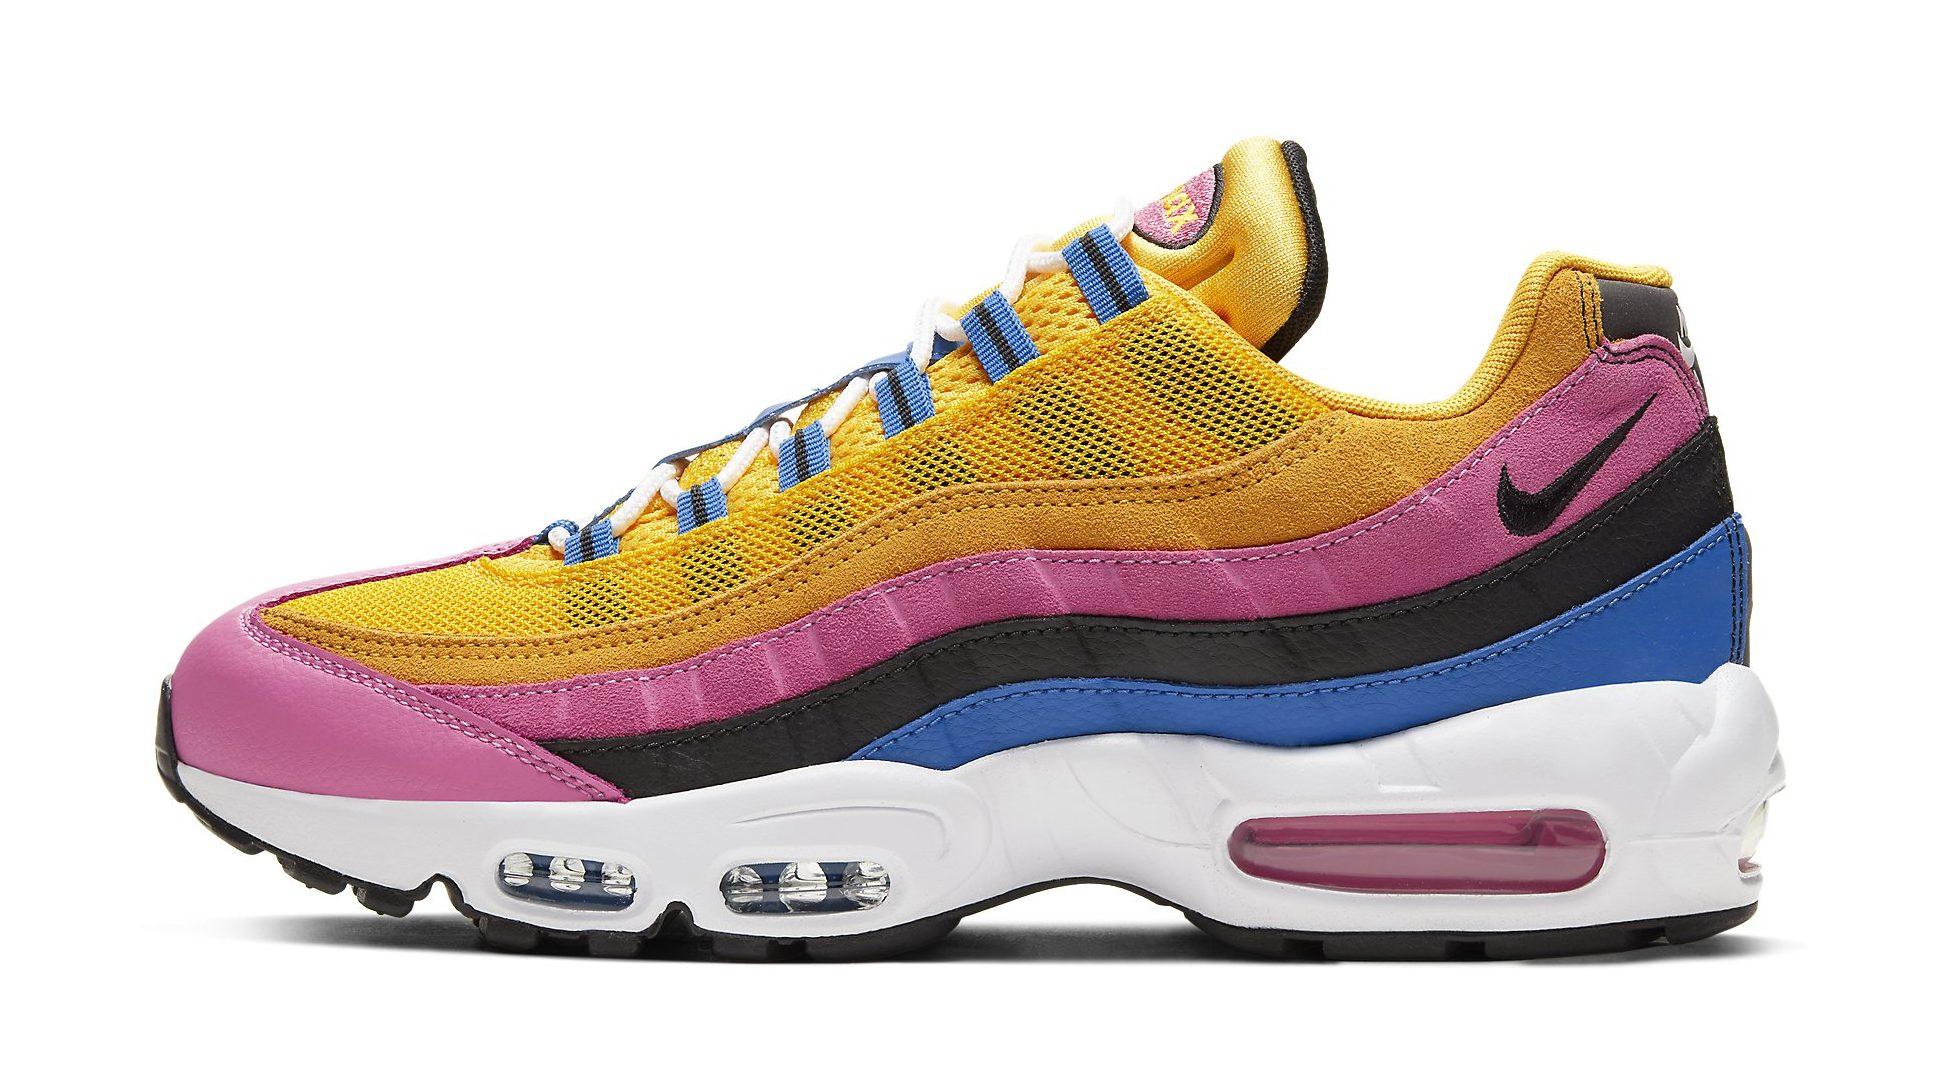 10 Best Nike Air Max Sneakers on Sale – Footwear News